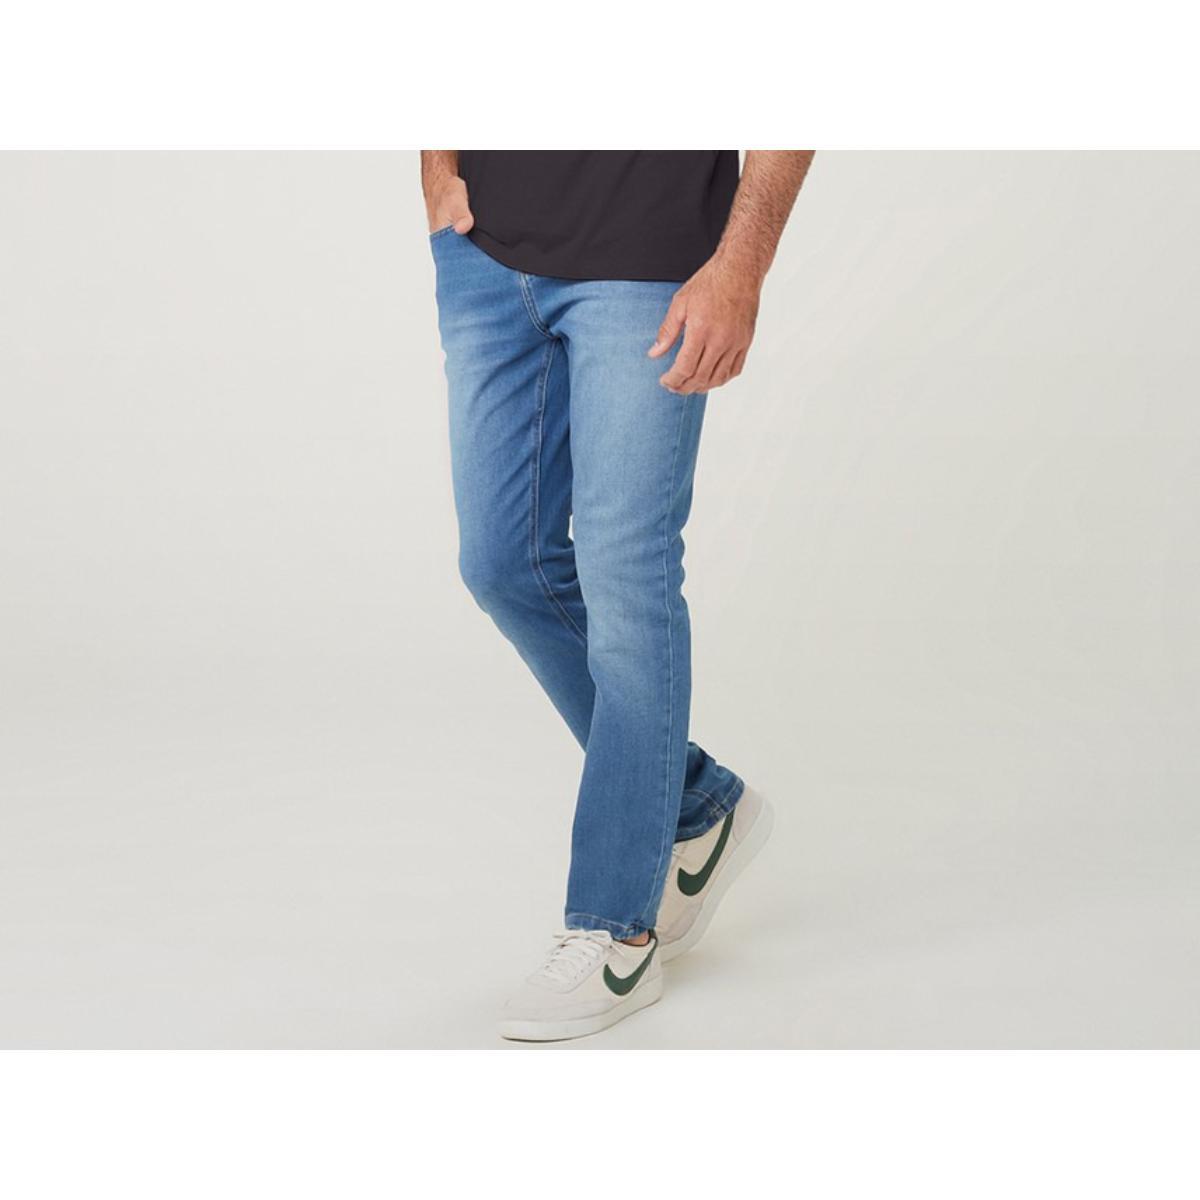 Calça Masculina Hering Kz0f  1asi Jeans